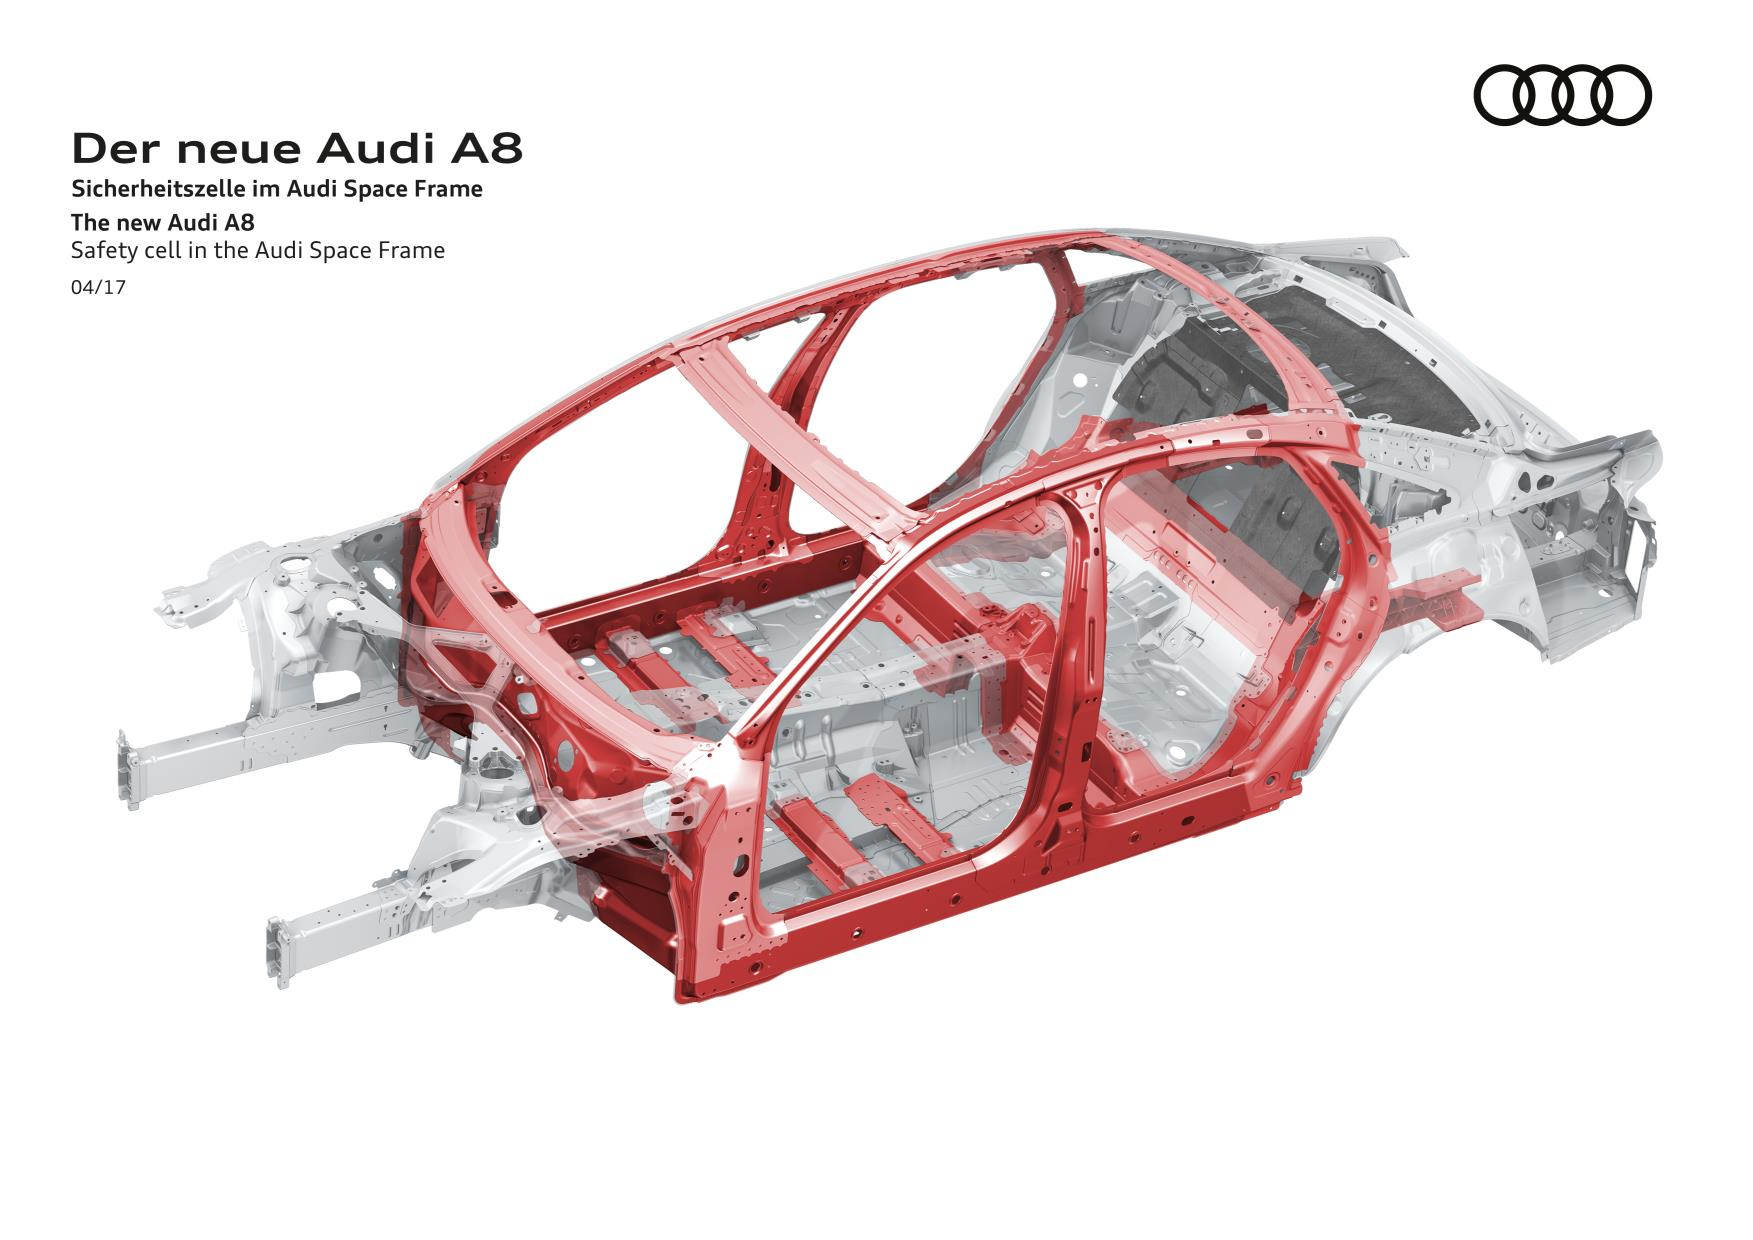 Nueva carrocería para el AUDI A8 denominada Space Frame